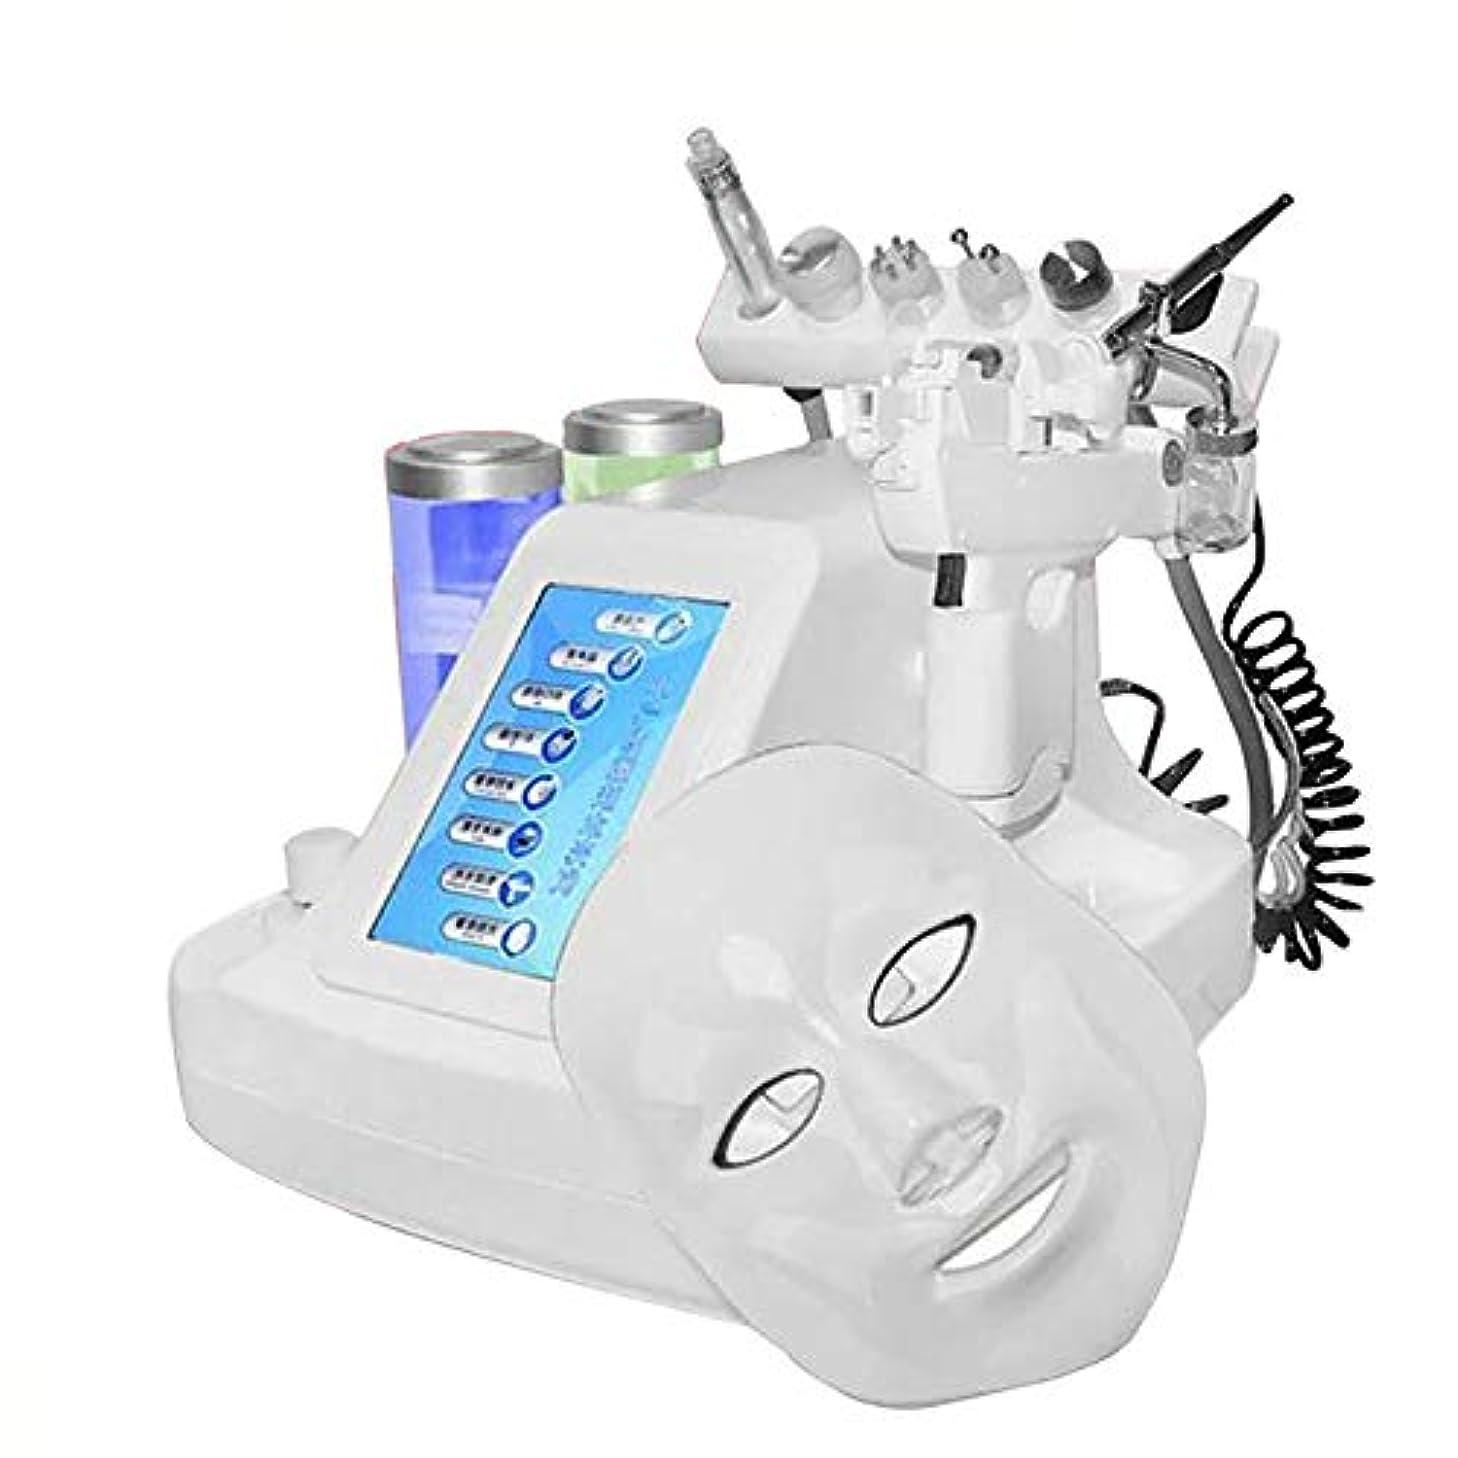 章然とした起こりやすい1台の水の酸素マシン、水ハイドロ皮膚剥離?フェイシャルスプレー保湿若返りスキン機で8